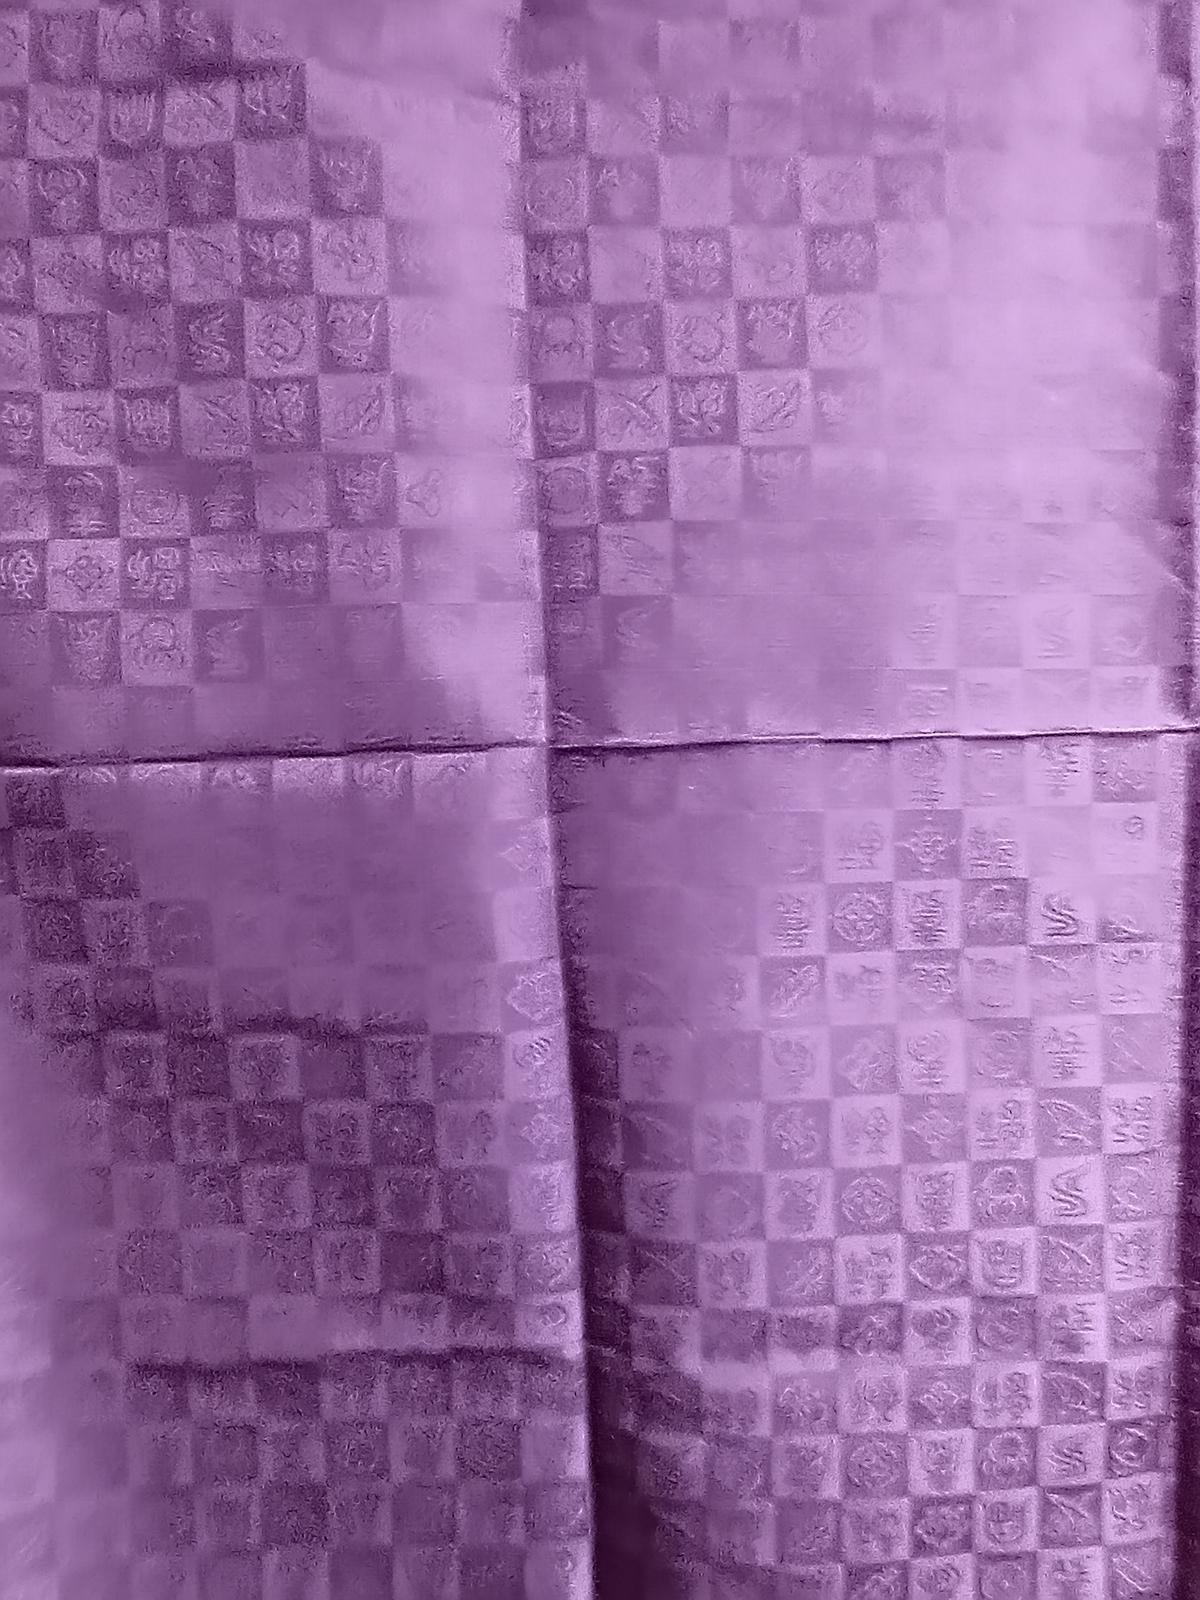 f:id:uribouwataru:20210514215835j:plain